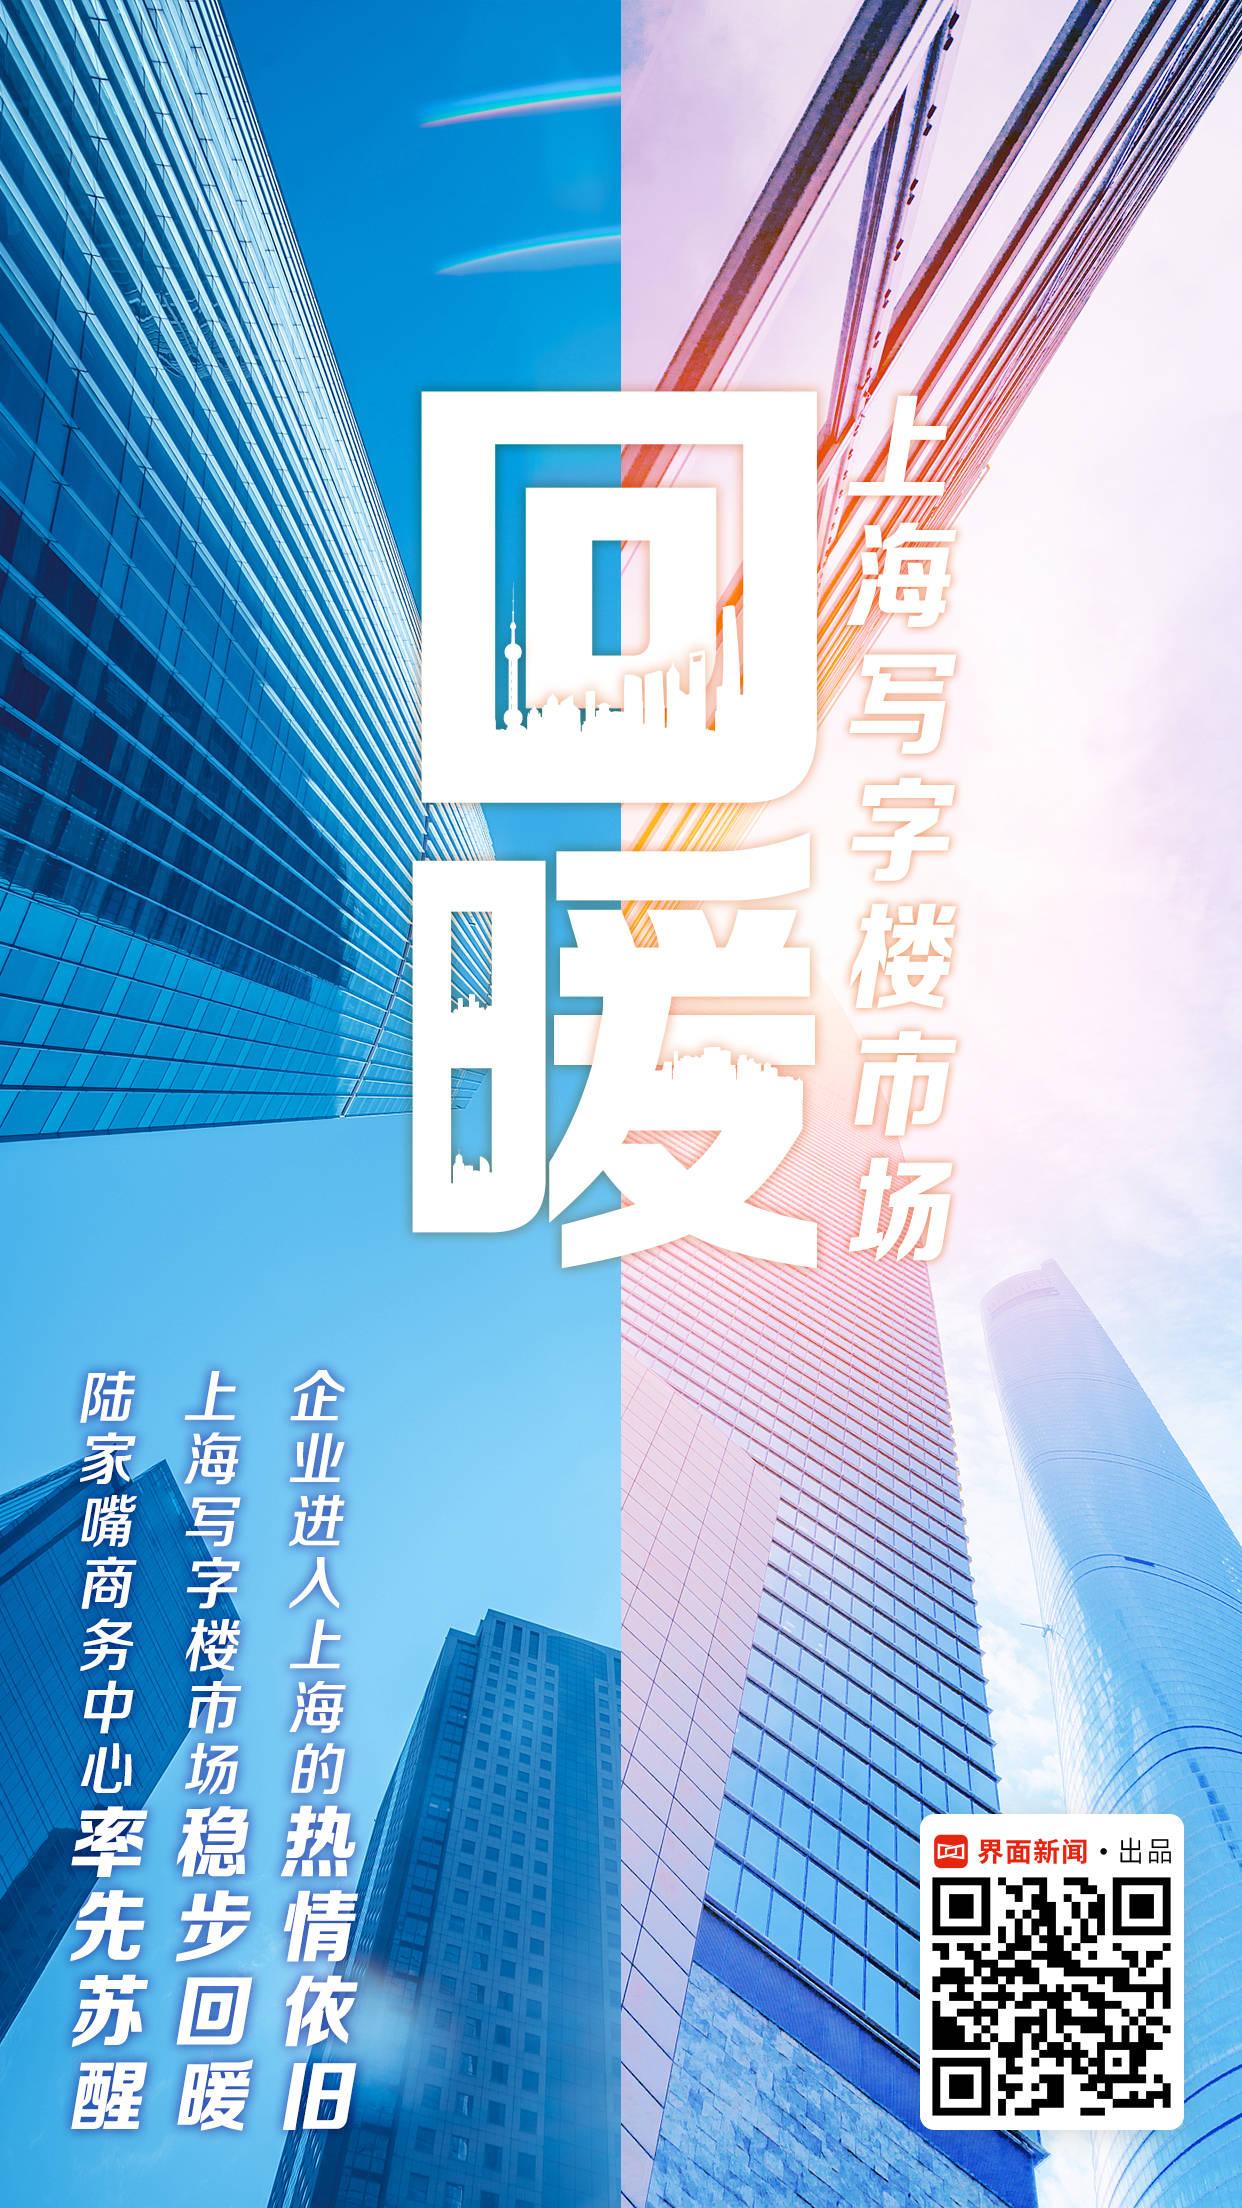 上海写字楼市场稳步回暖,陆家嘴商务中心率先苏醒